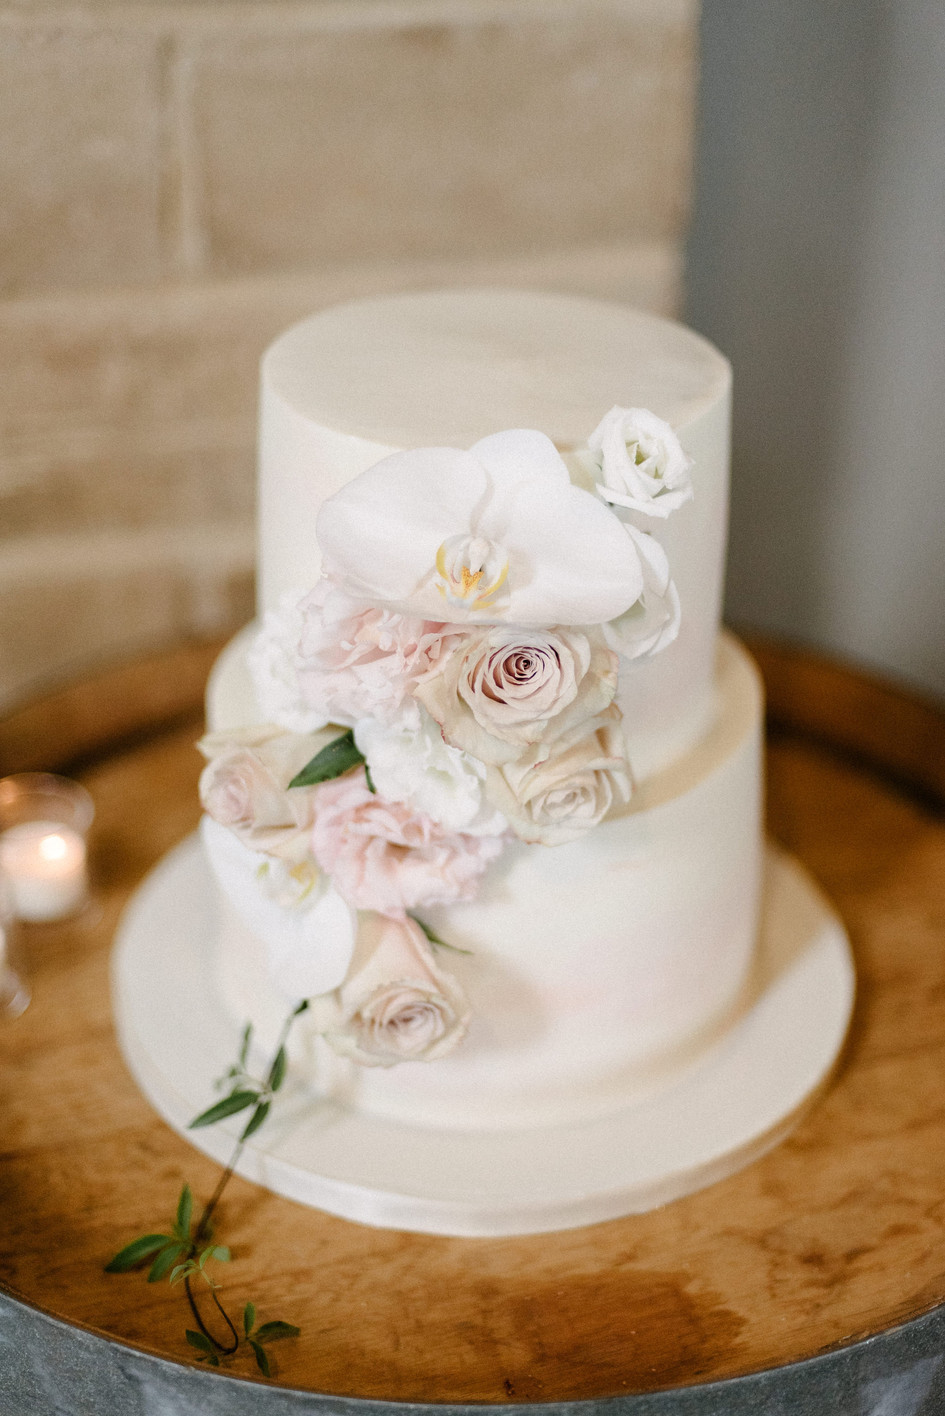 waiheke_Wedding_cake.jpg